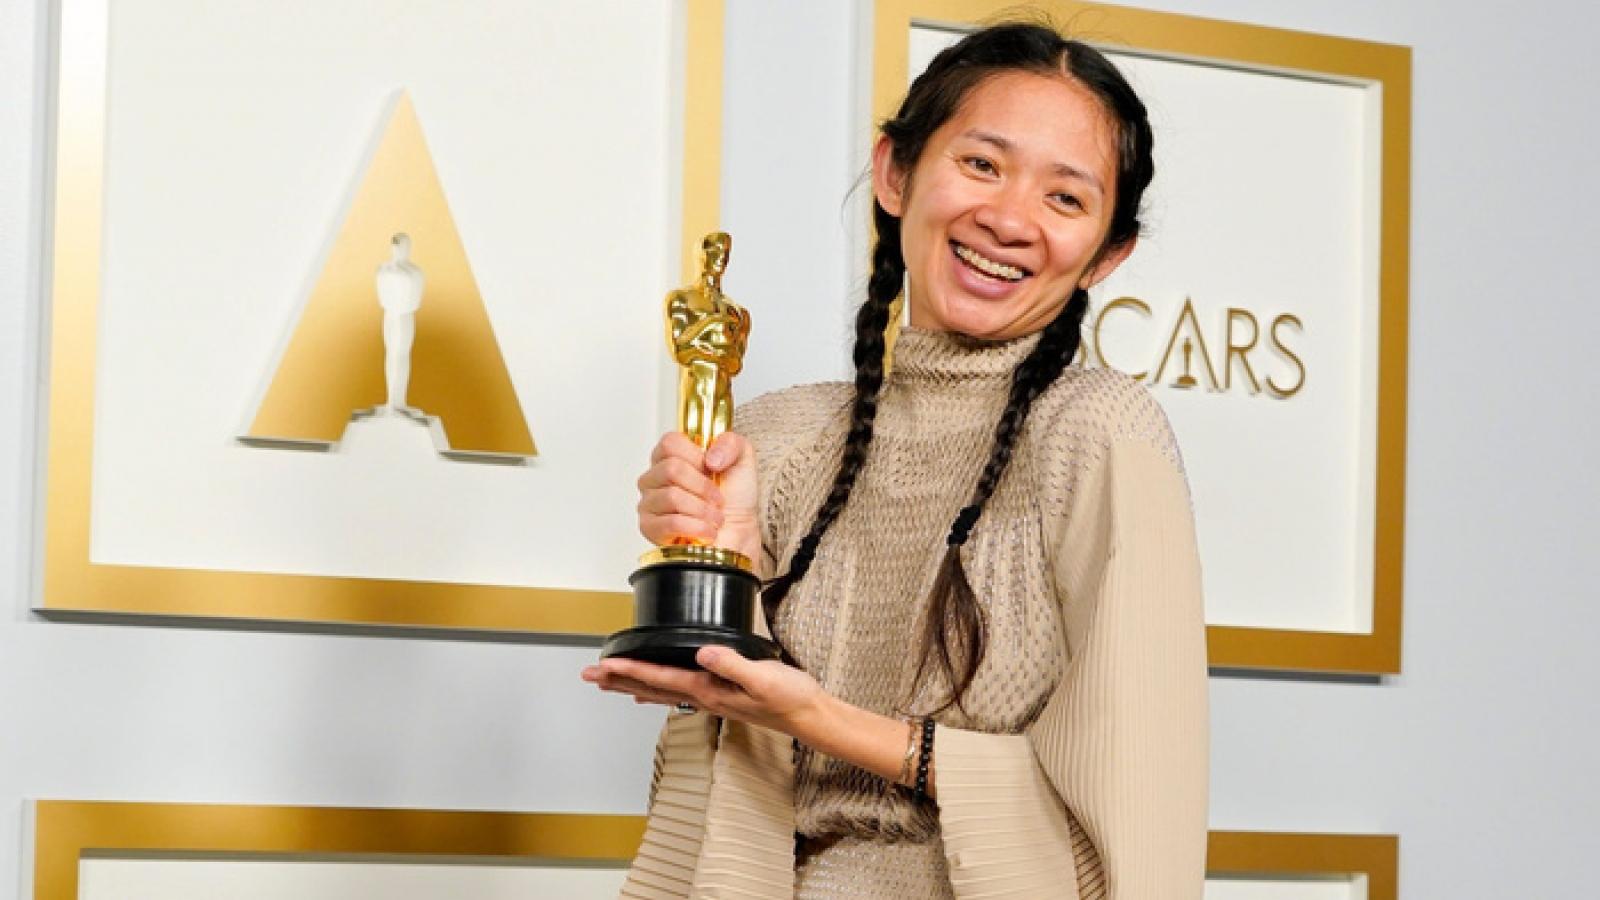 Những đạo diễn gốc Á thành công rực rỡ tại Hollywood thời gian gần đây